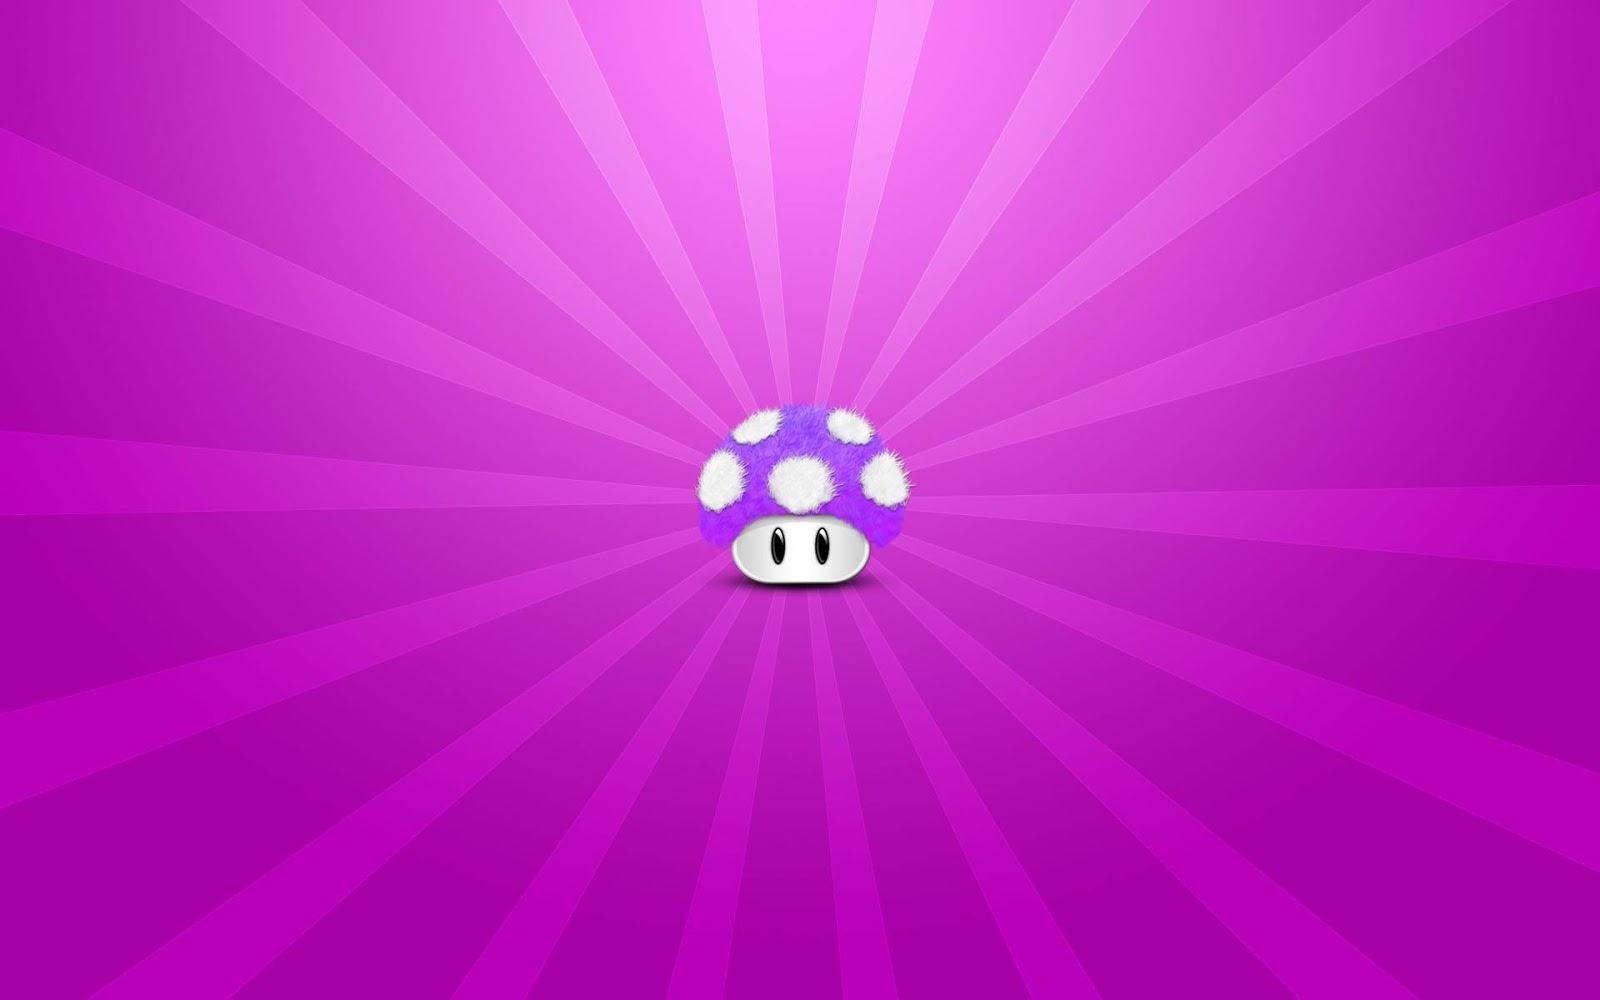 Imagenes hilandy fondo de pantalla juegos seta rosa for Fondos de pantalla rosa